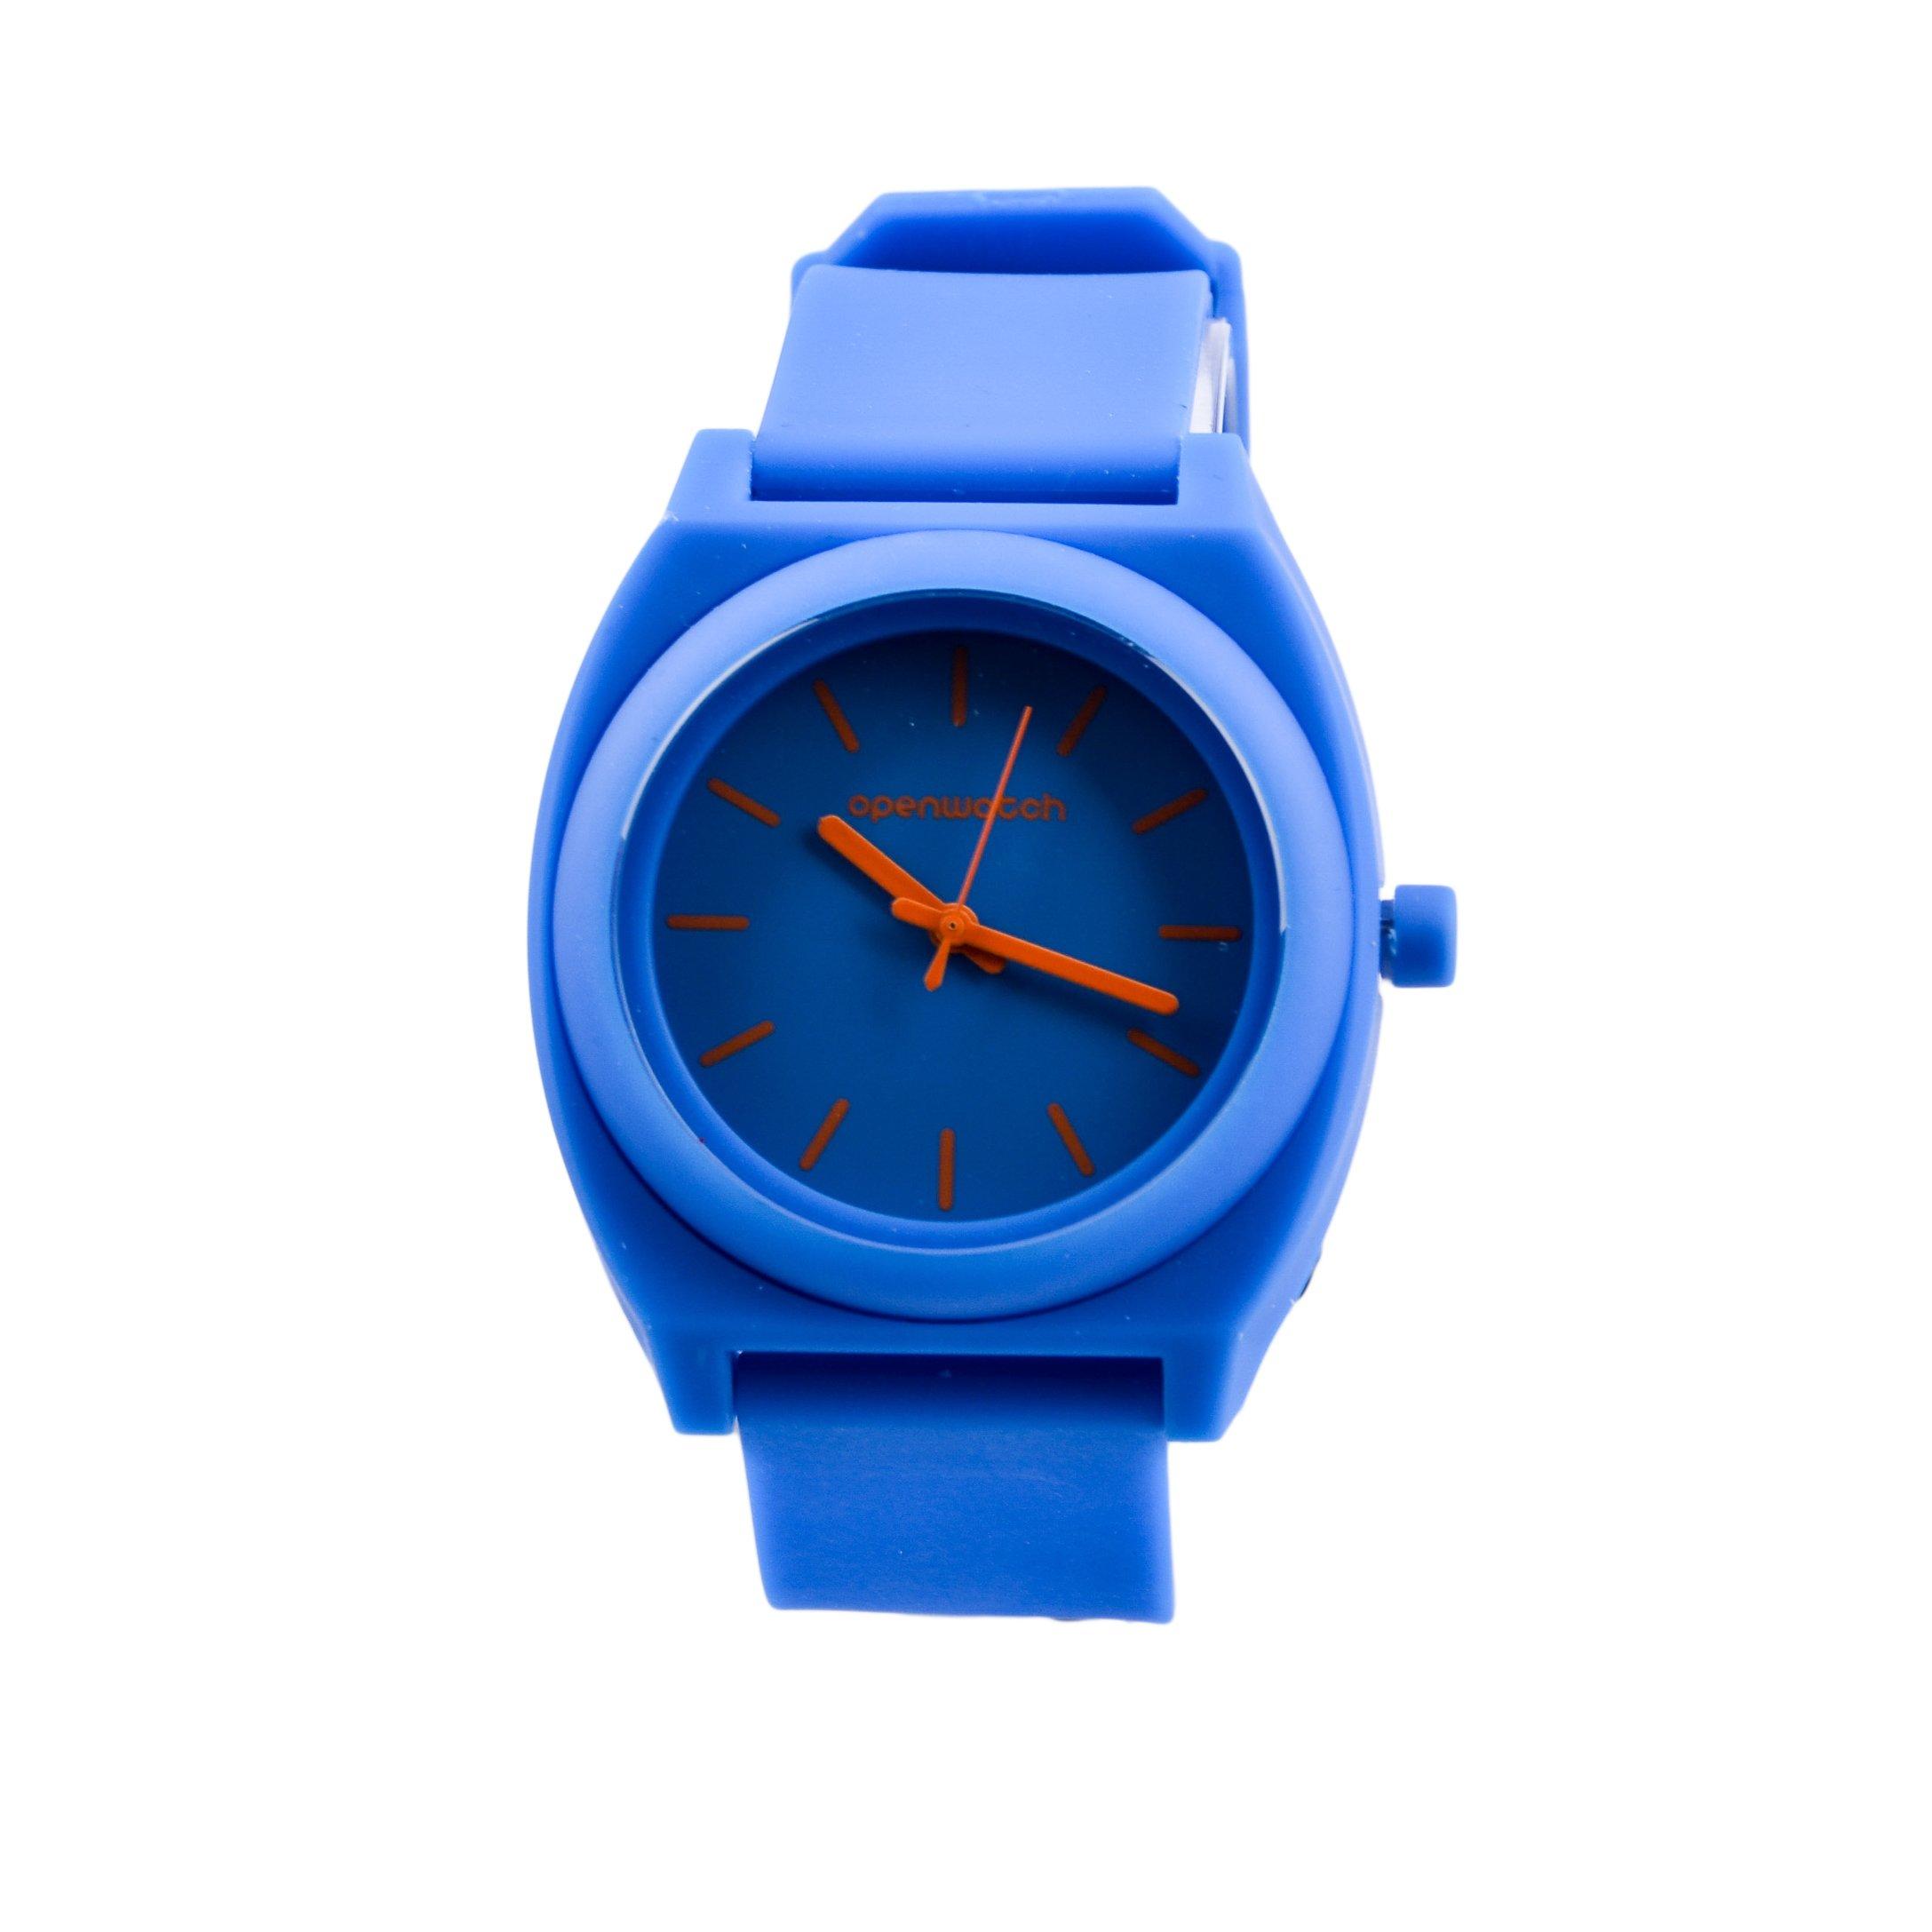 Ceas dama M7-258 albastru inchis